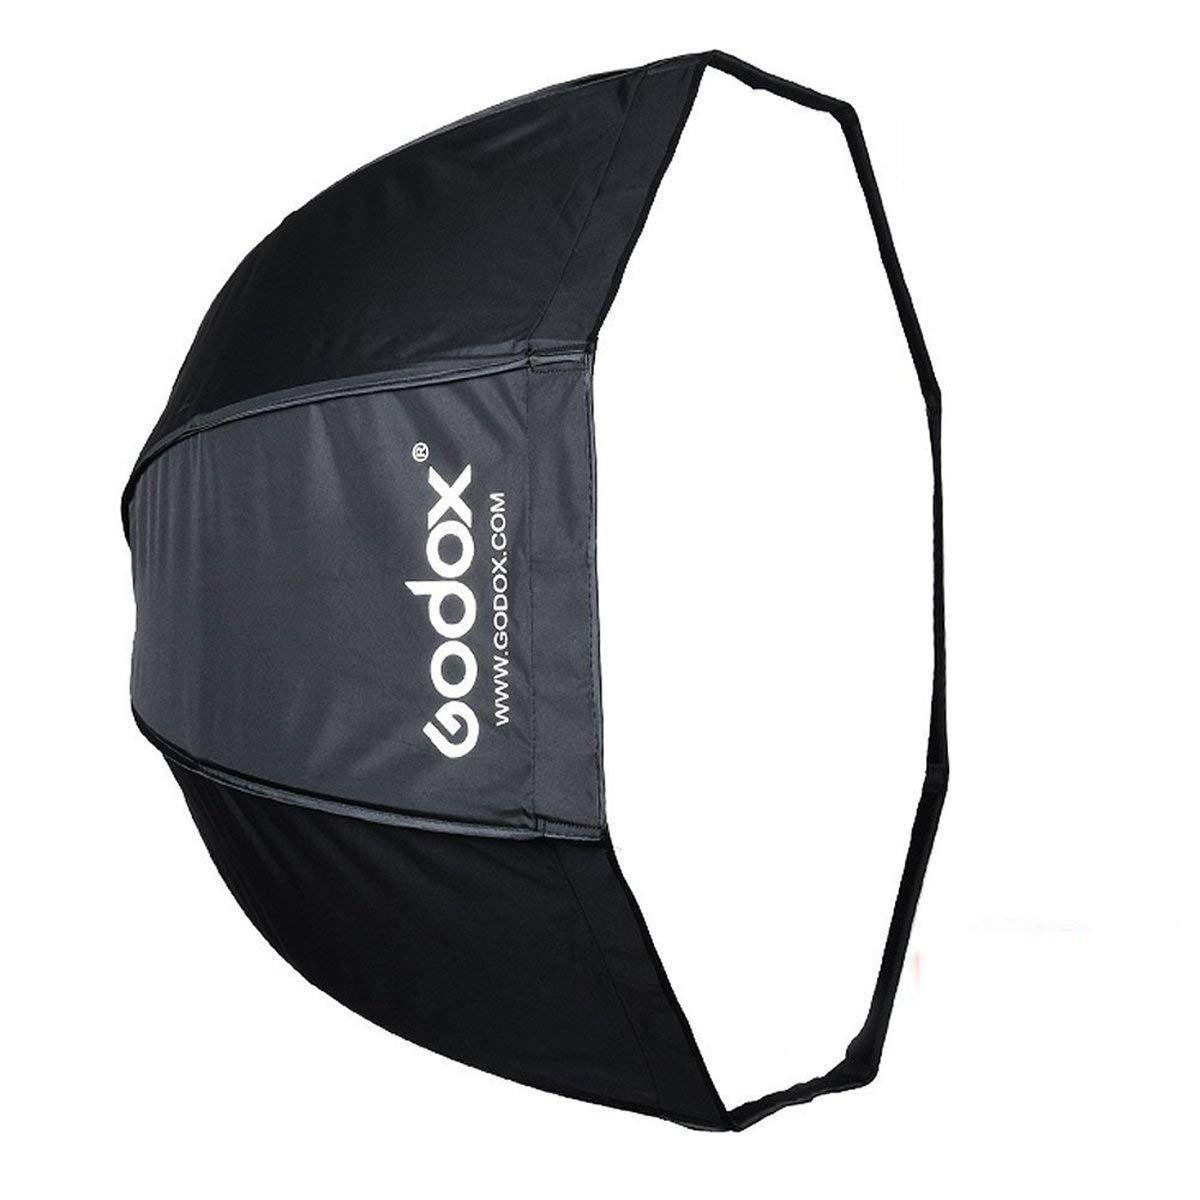 Softbox Octabox 80cm – Godox